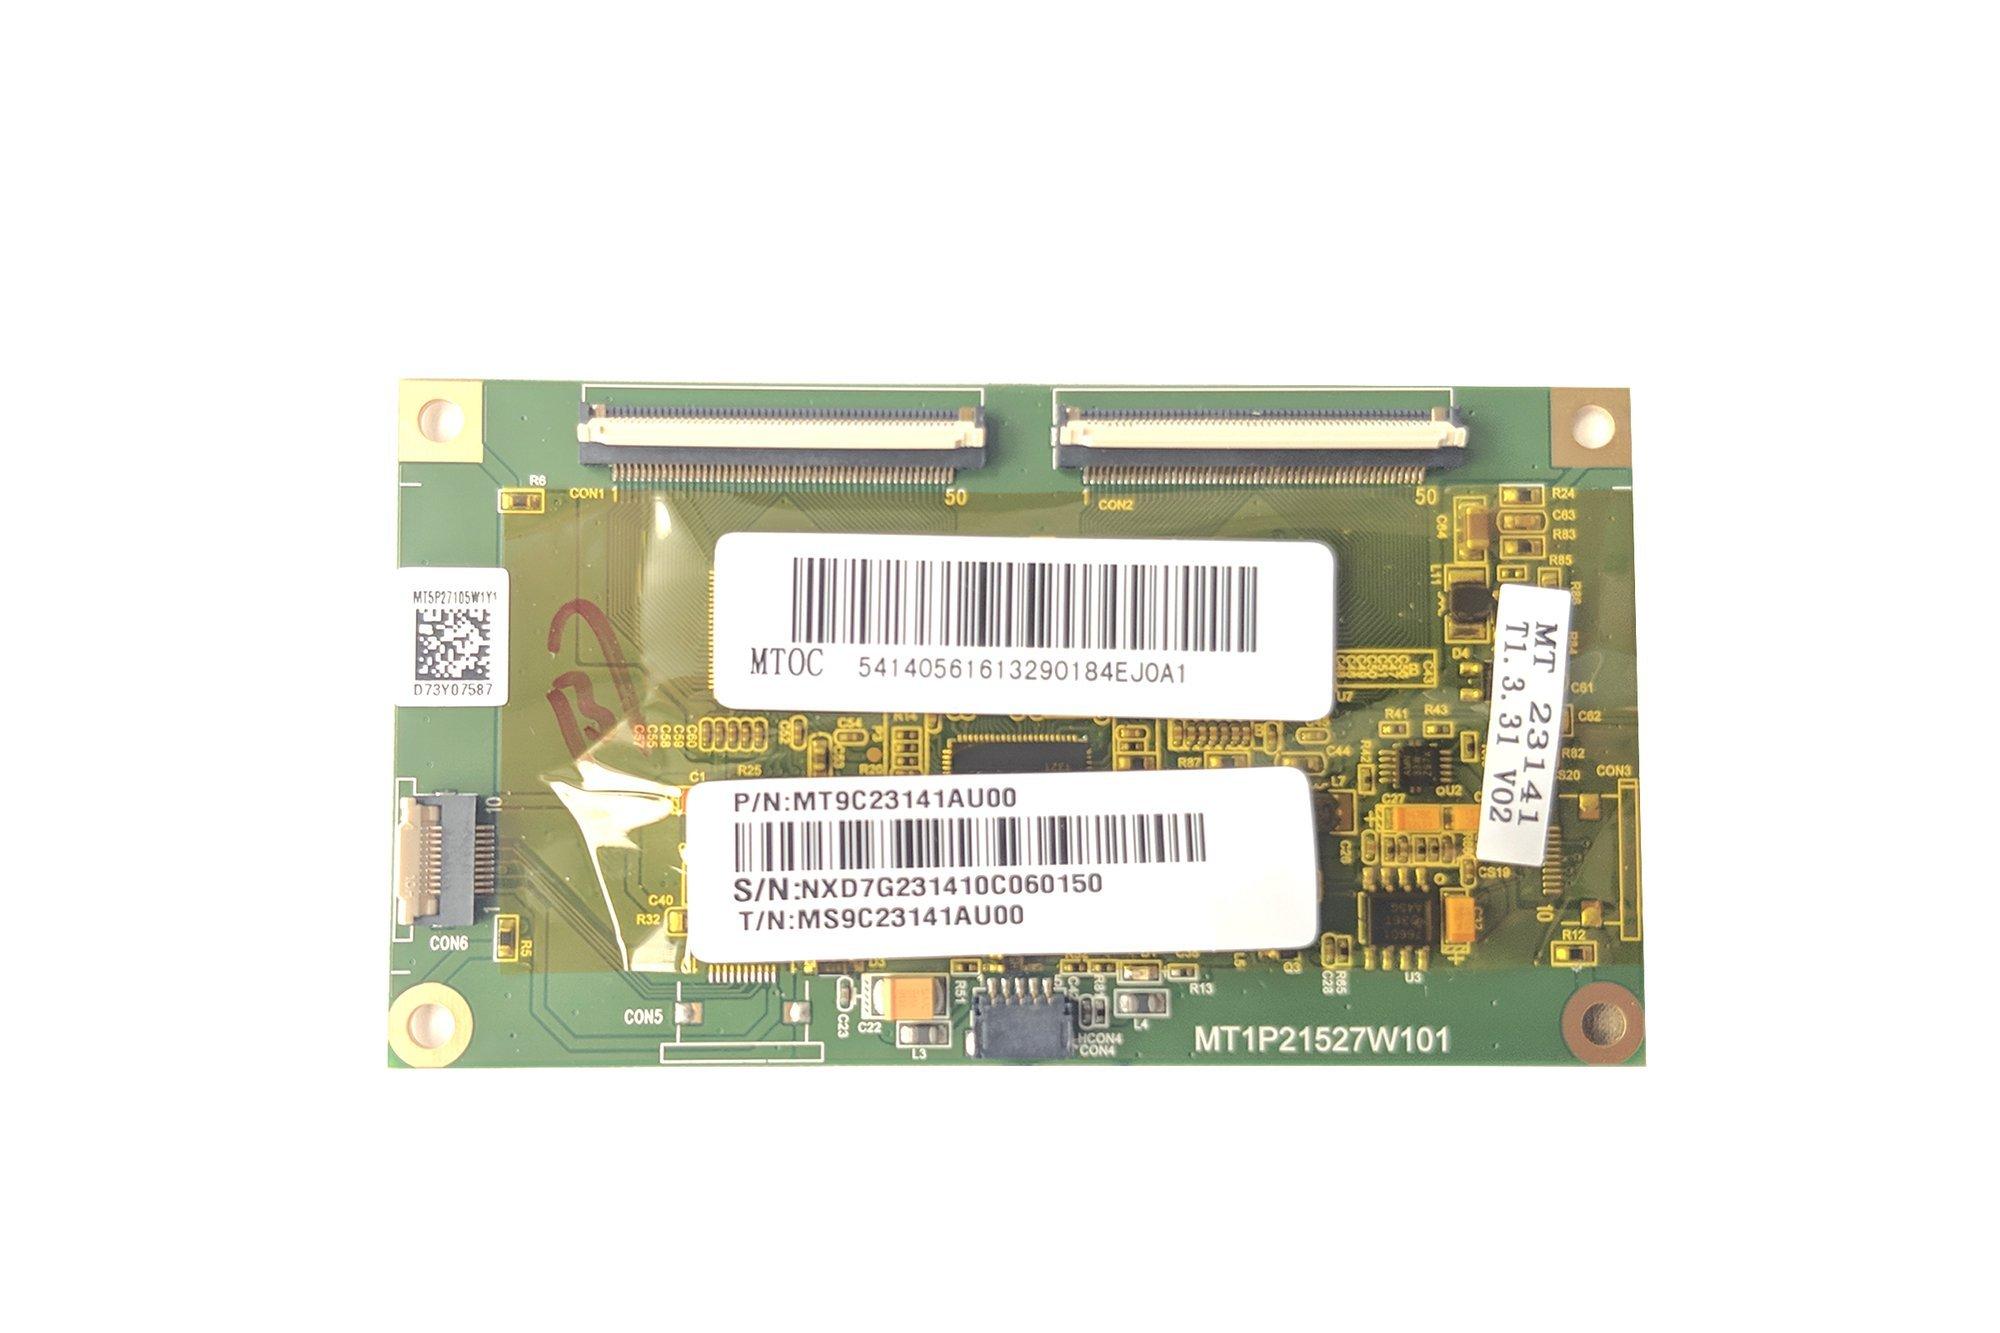 Kontroler płyta do ekranu dotykowego MT1P21527W101